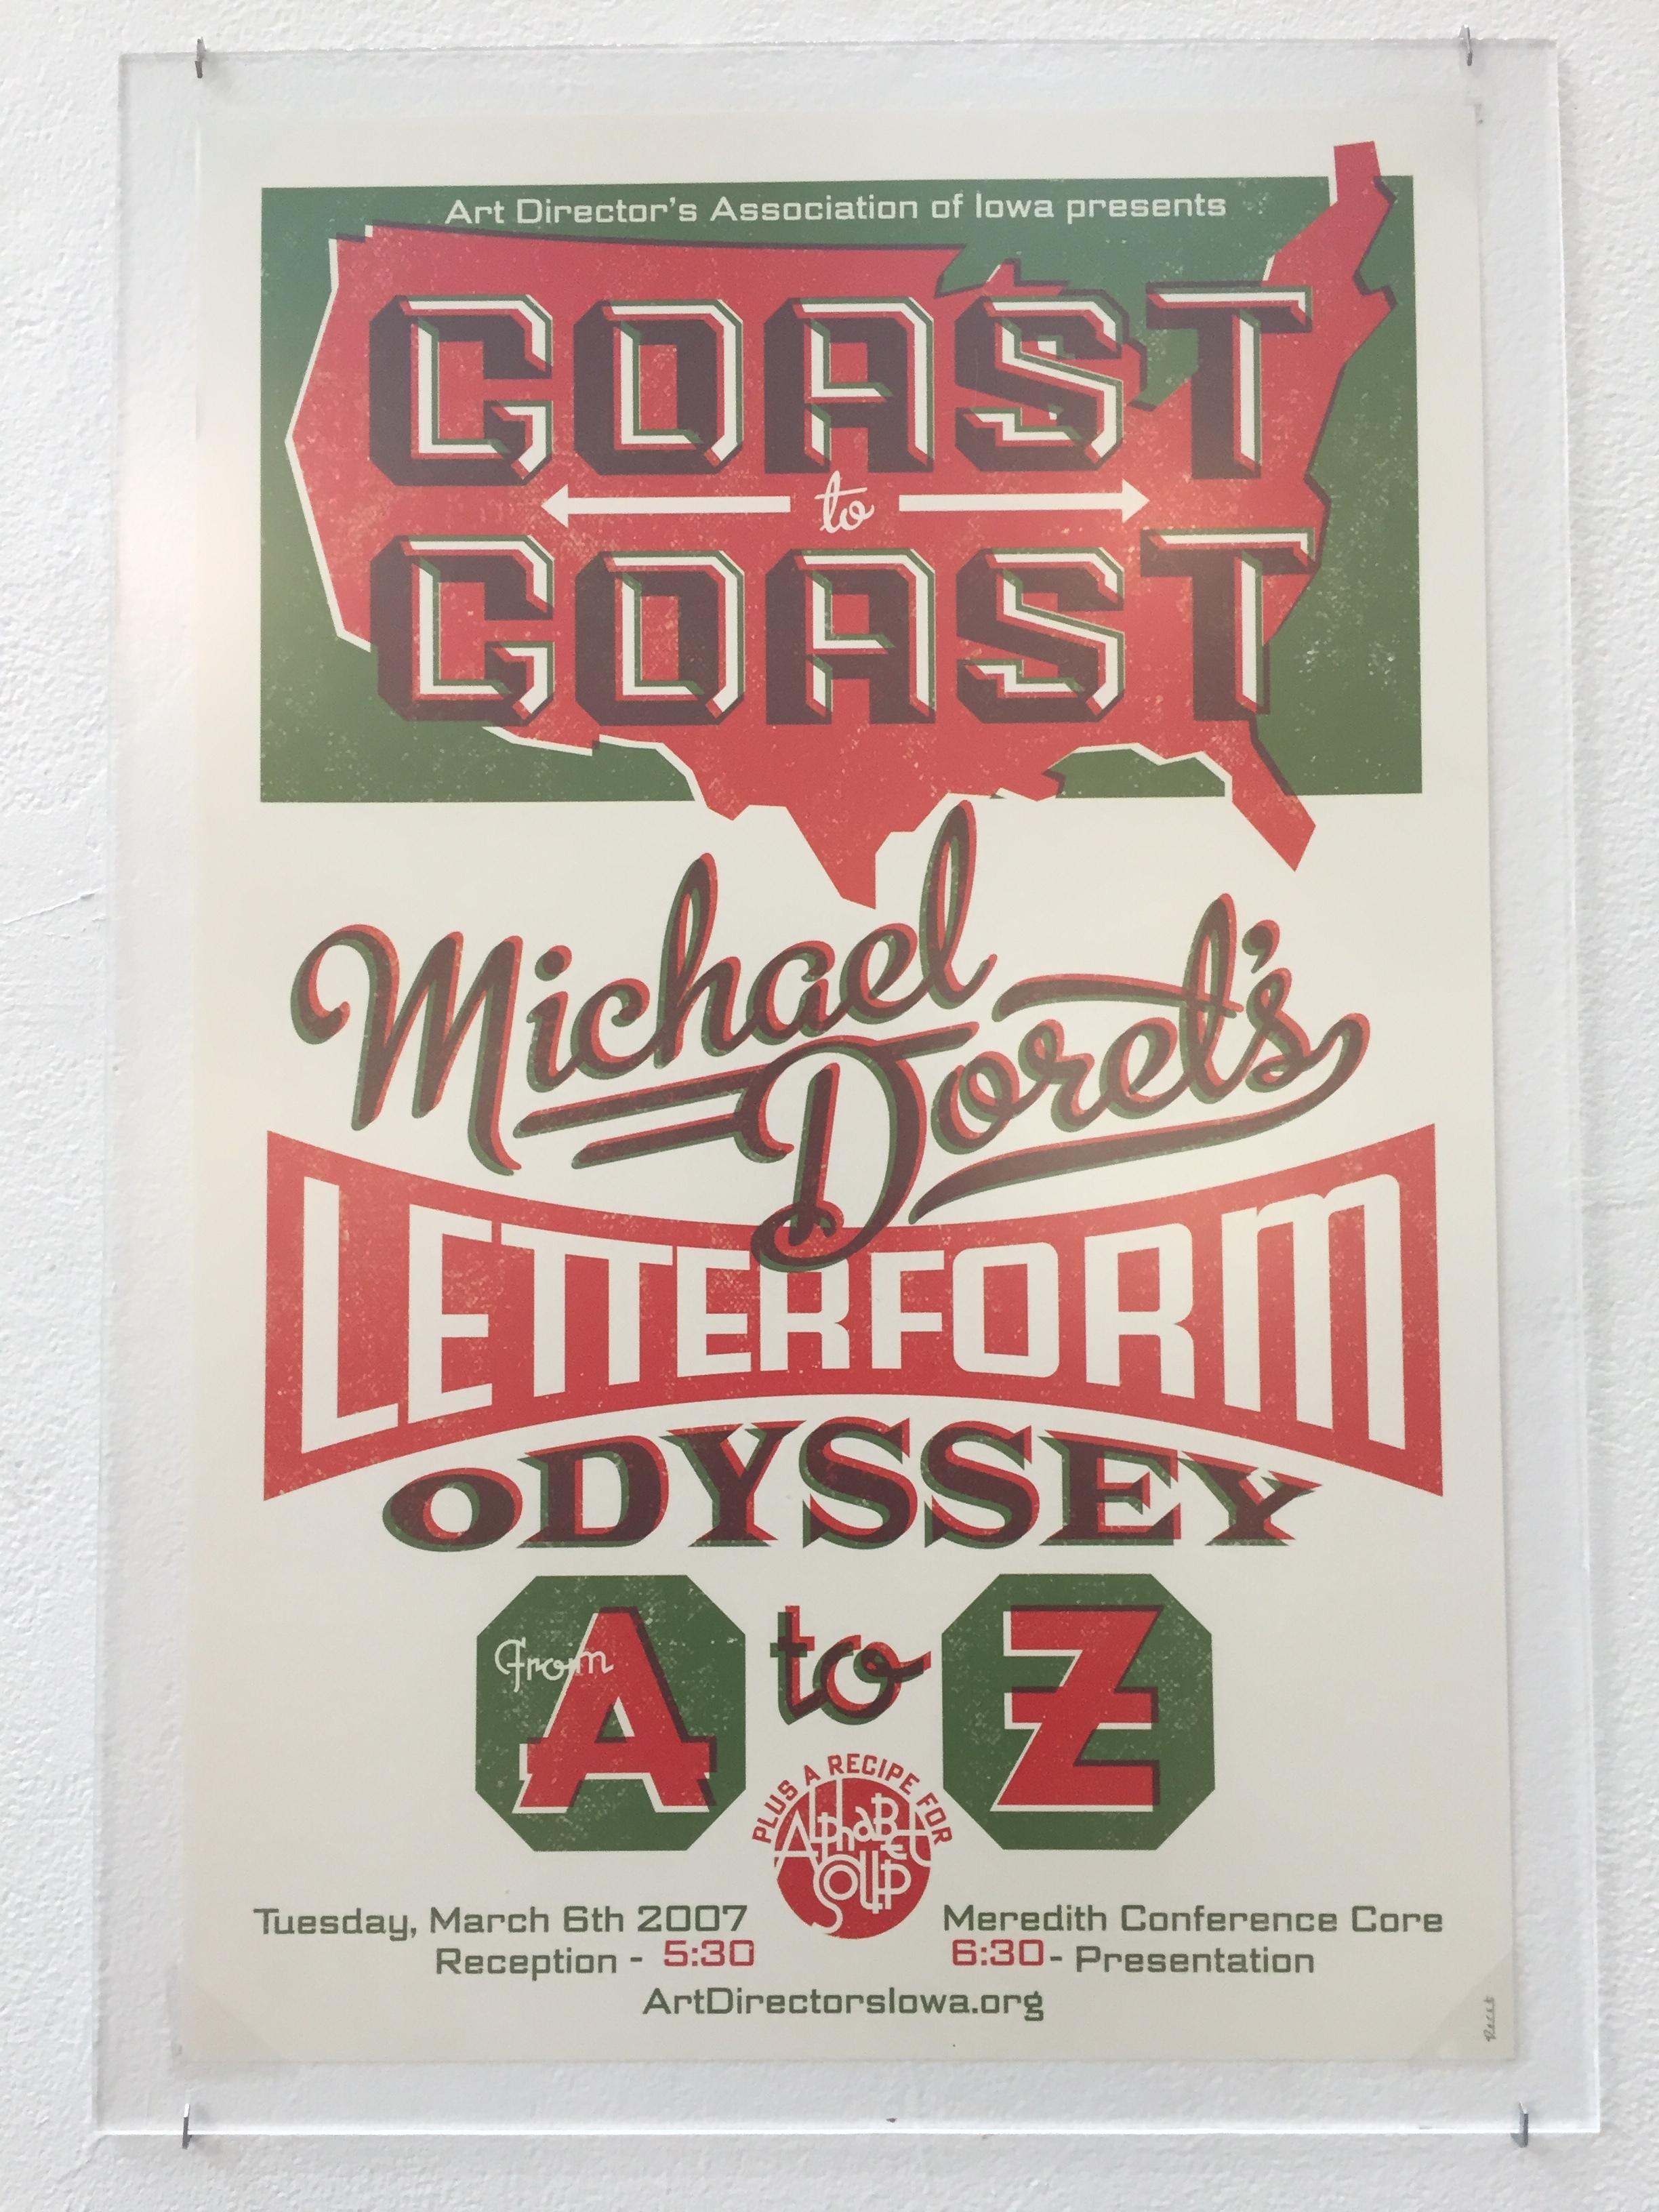 Michael Doret!